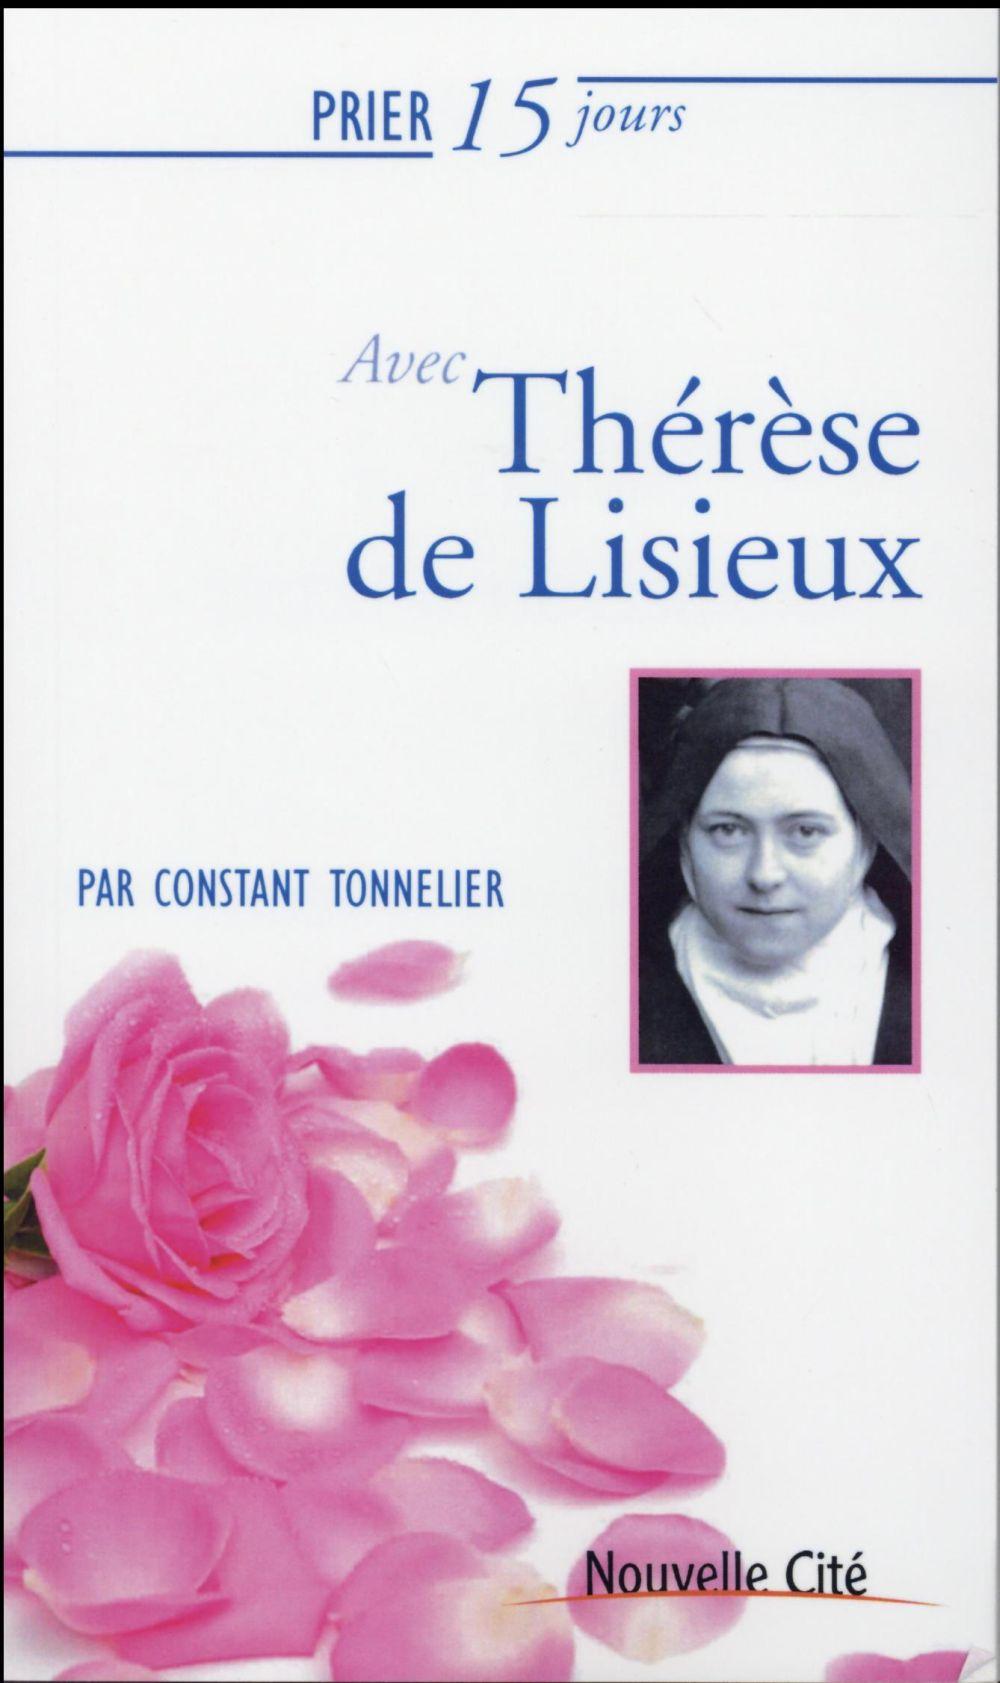 Prier 15 jours avec... ; Thérèse de Lisieux